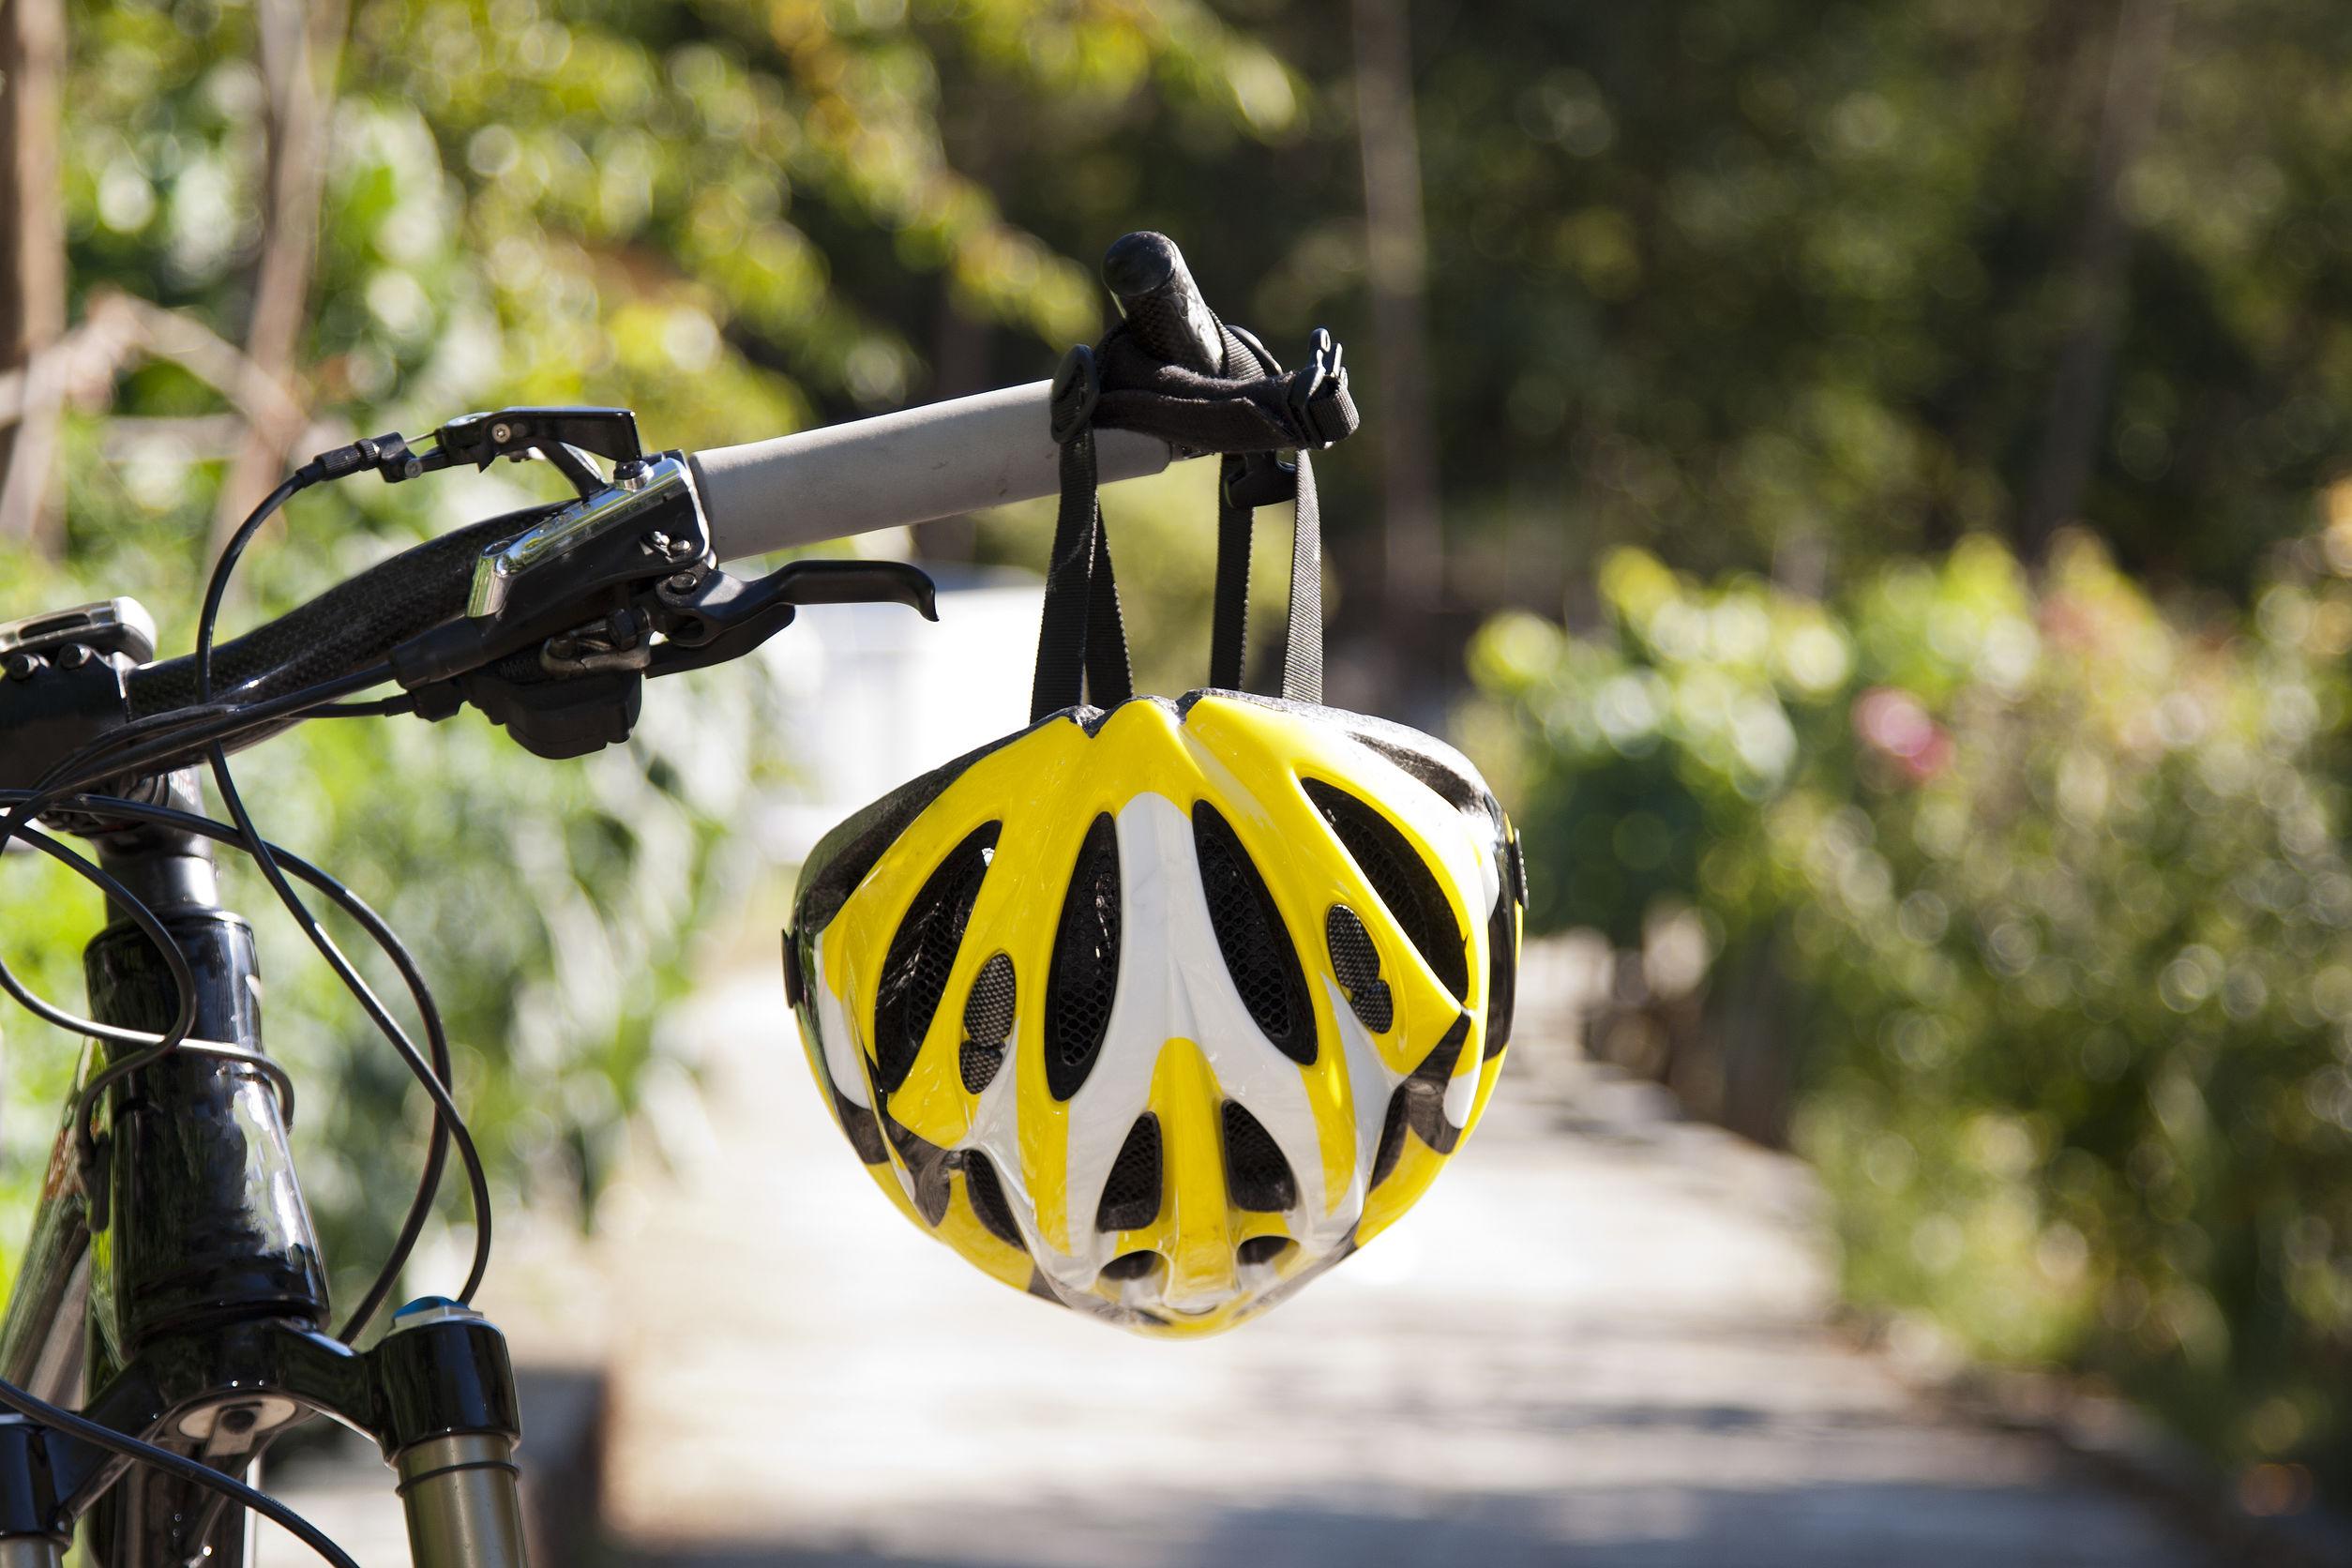 Uvex Fahrradhelm: Test & Empfehlungen (04/21)